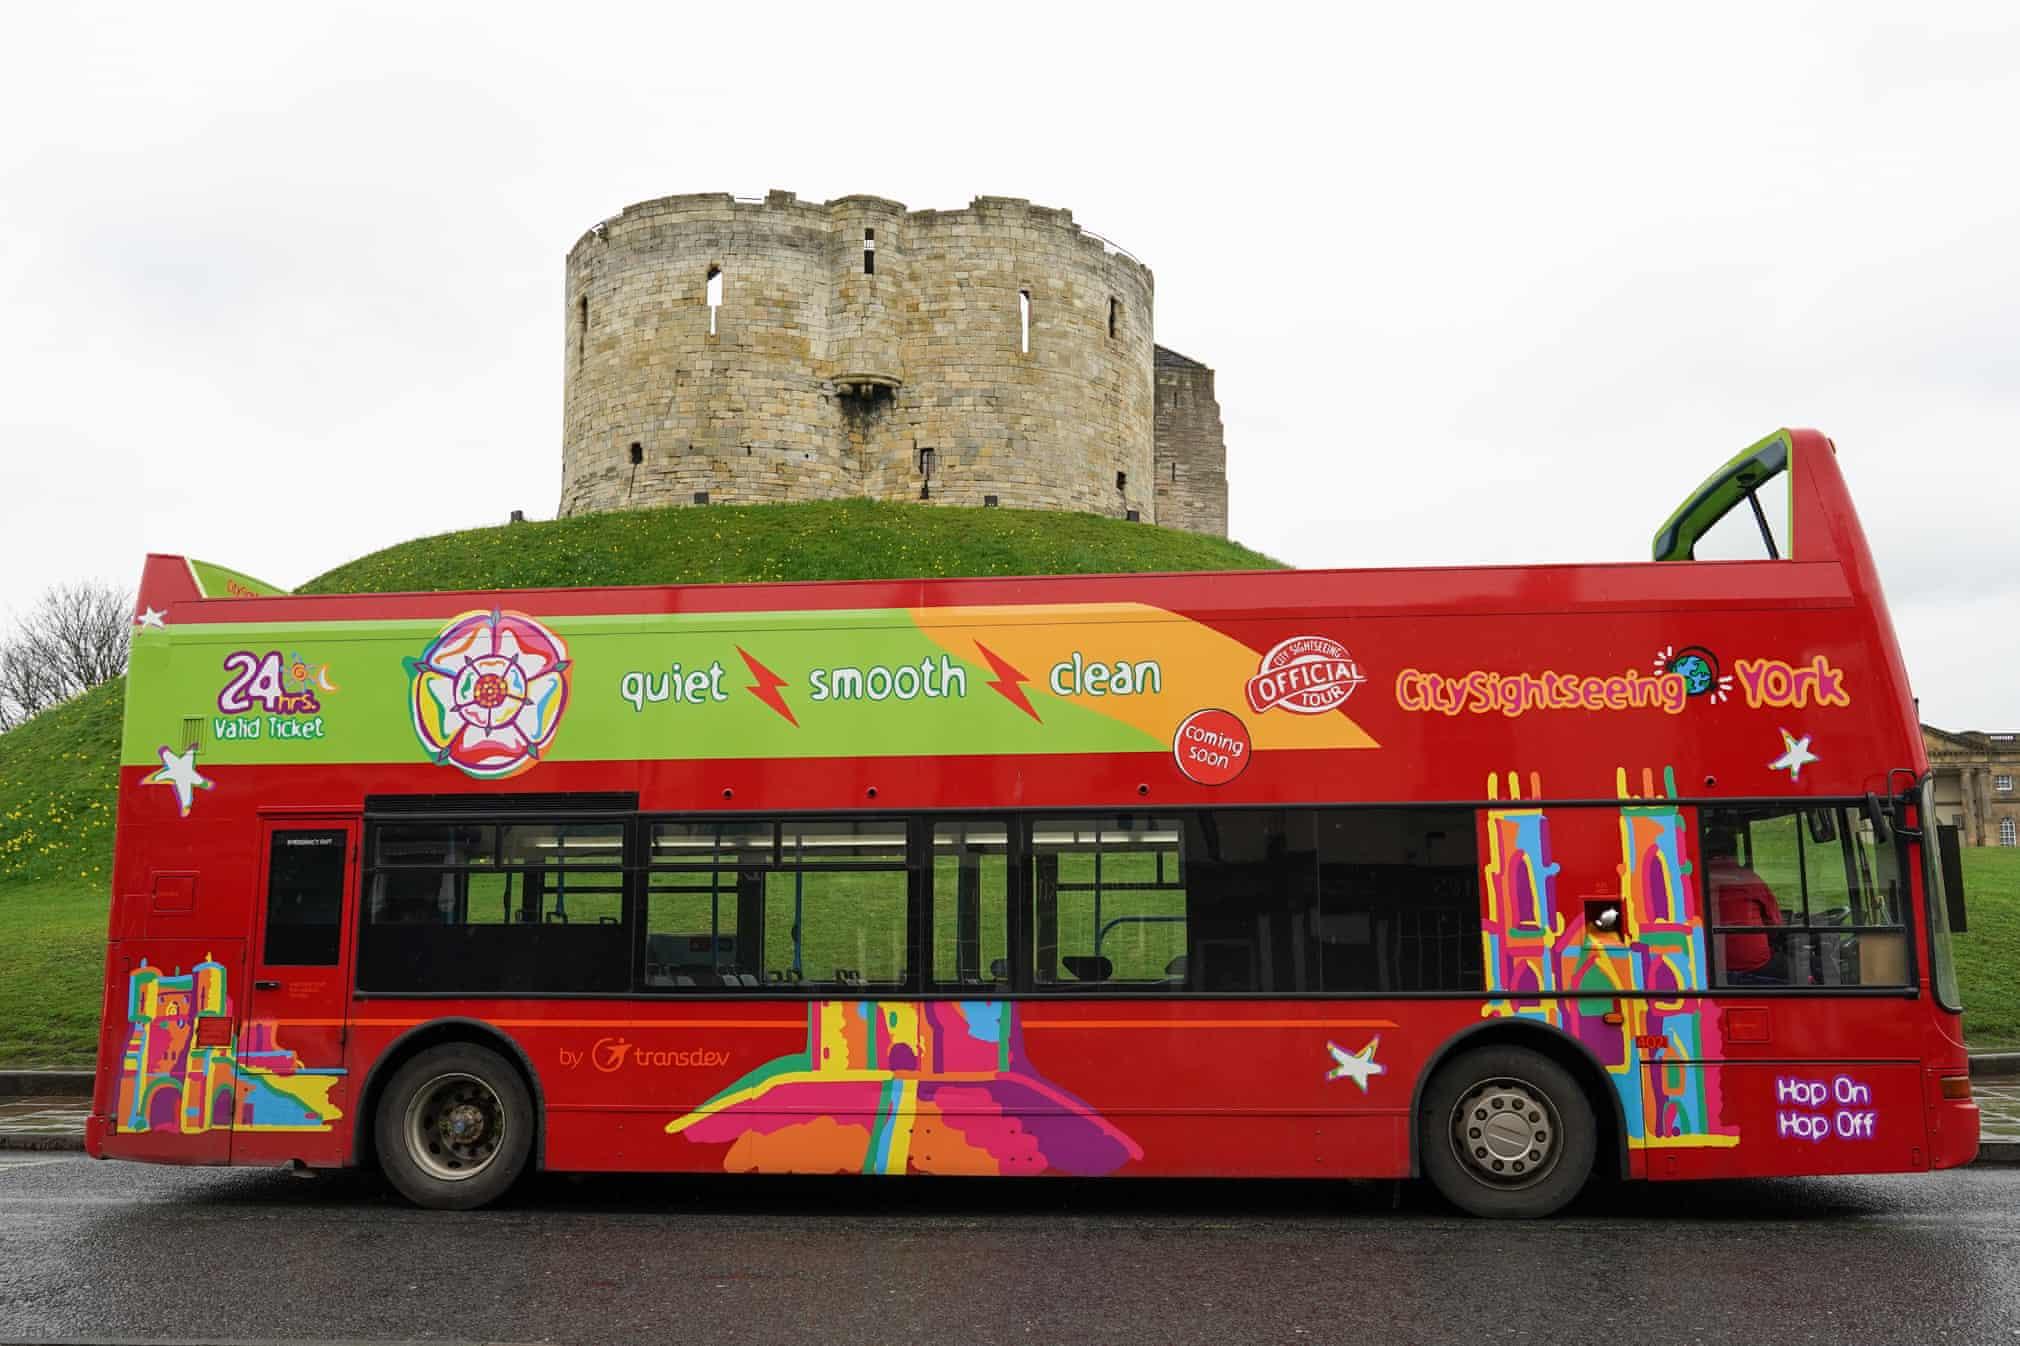 Dịch vụ xe buýt 2 tầng nổi tiếng hoàn toàn vắng khách (Nguồn: Guardian)